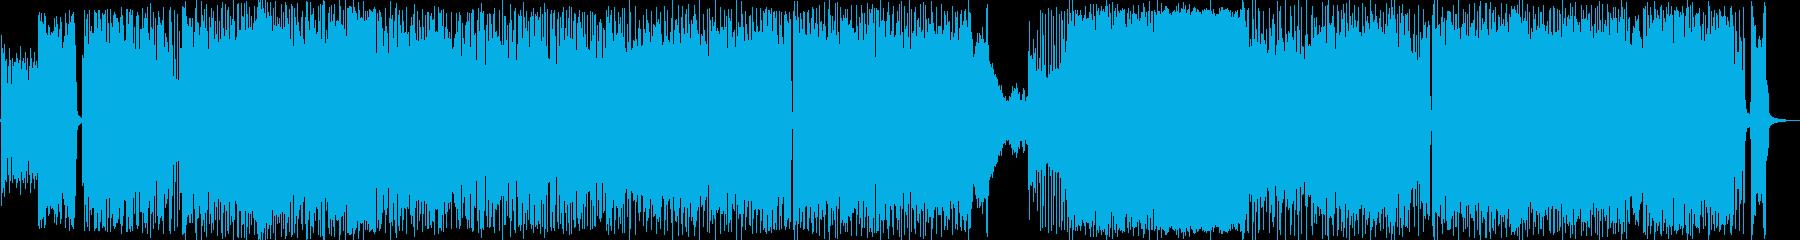 展開が印象的なインストの再生済みの波形